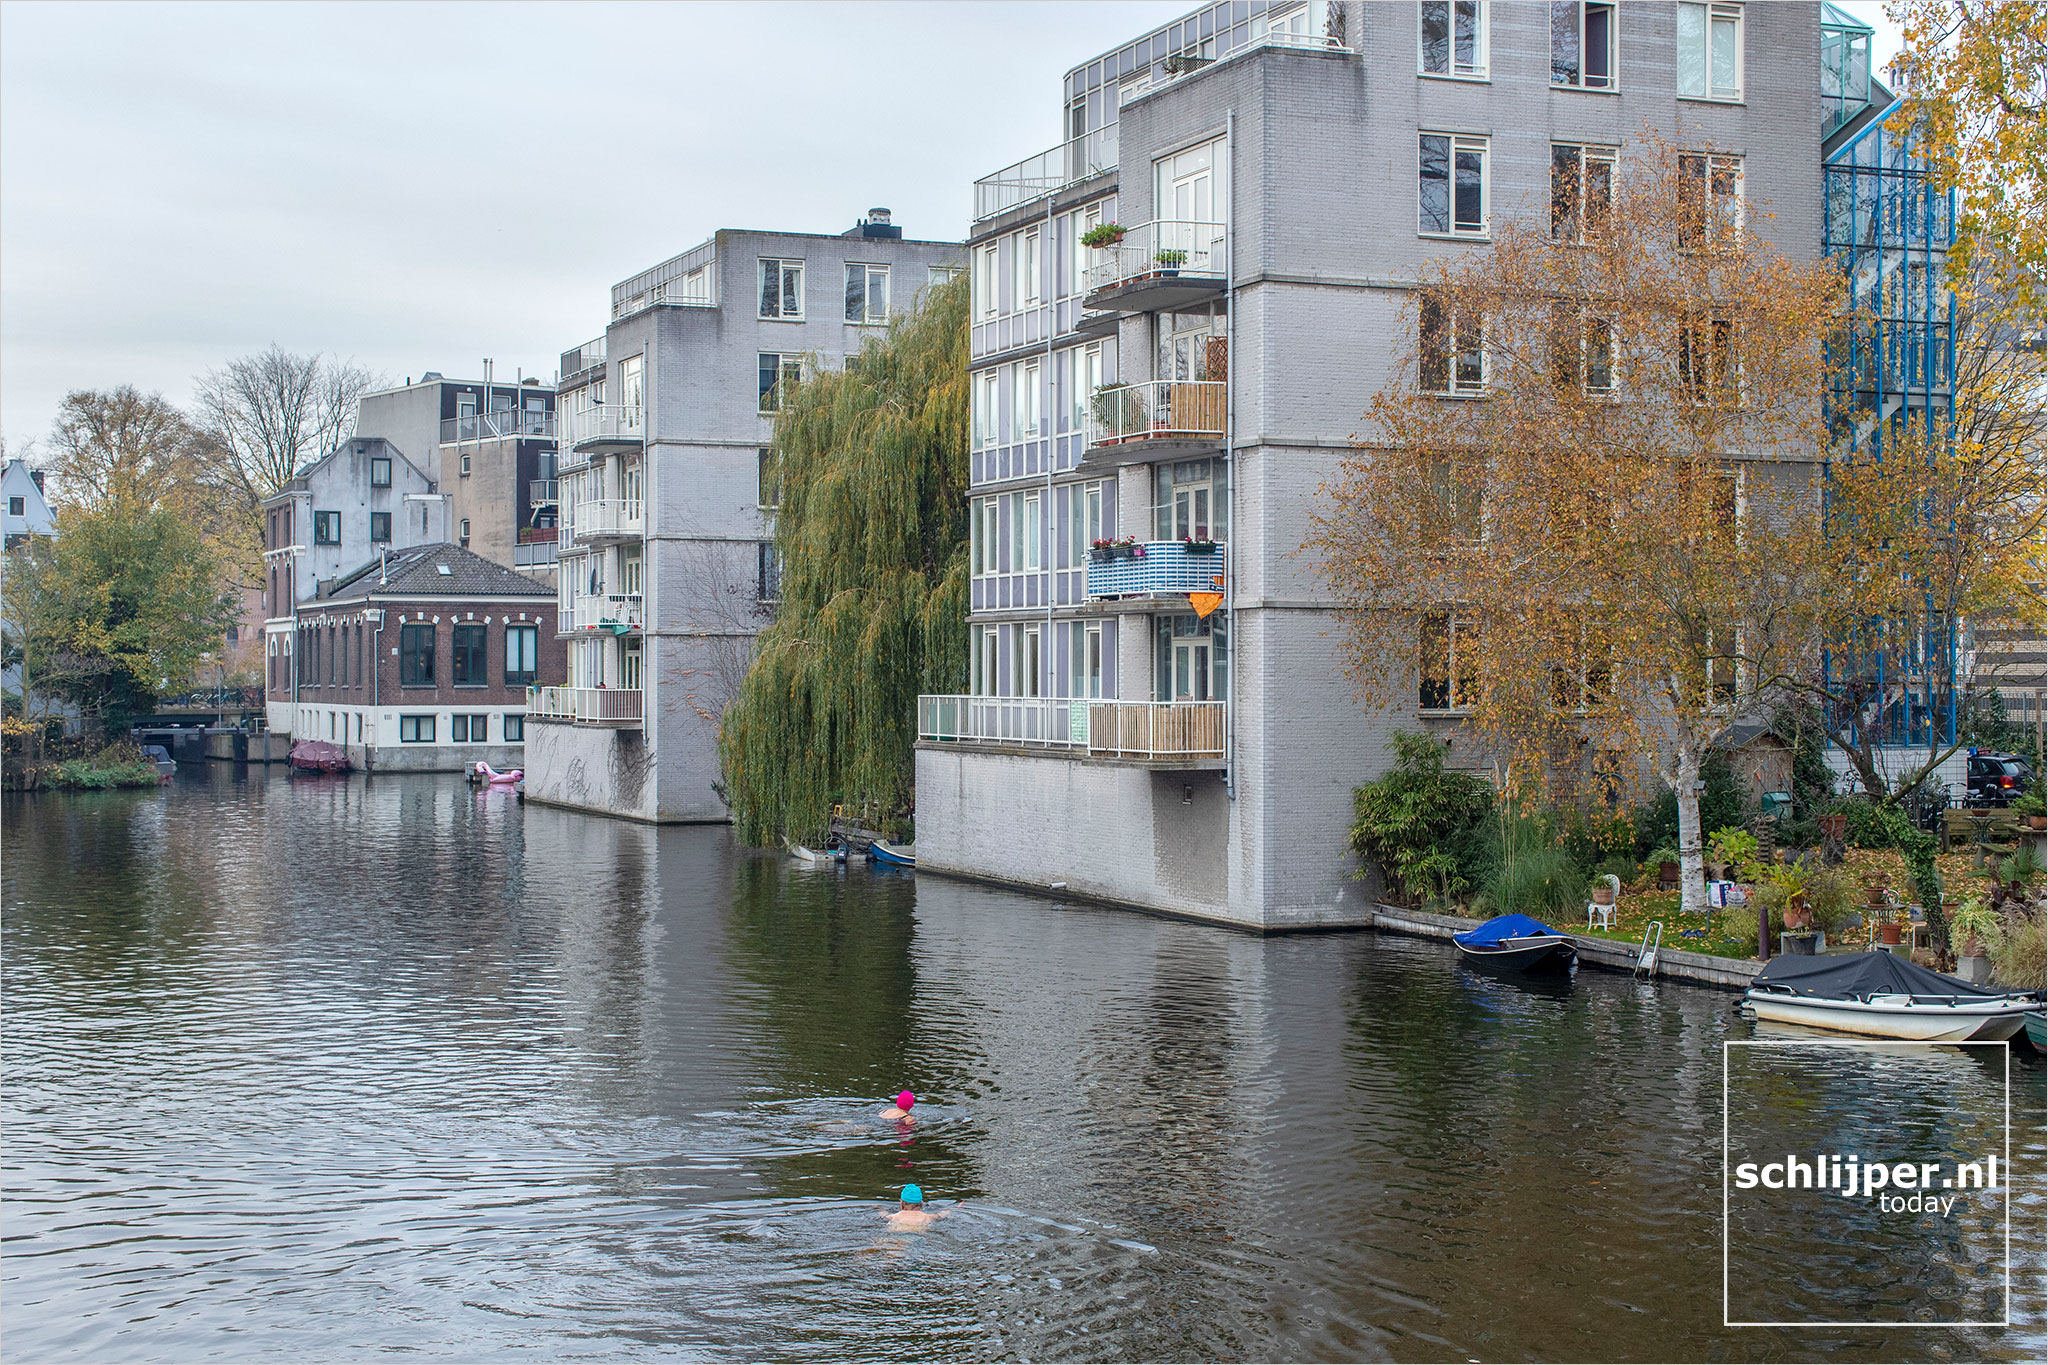 Nederland, Amsterdam, 6 november 2020